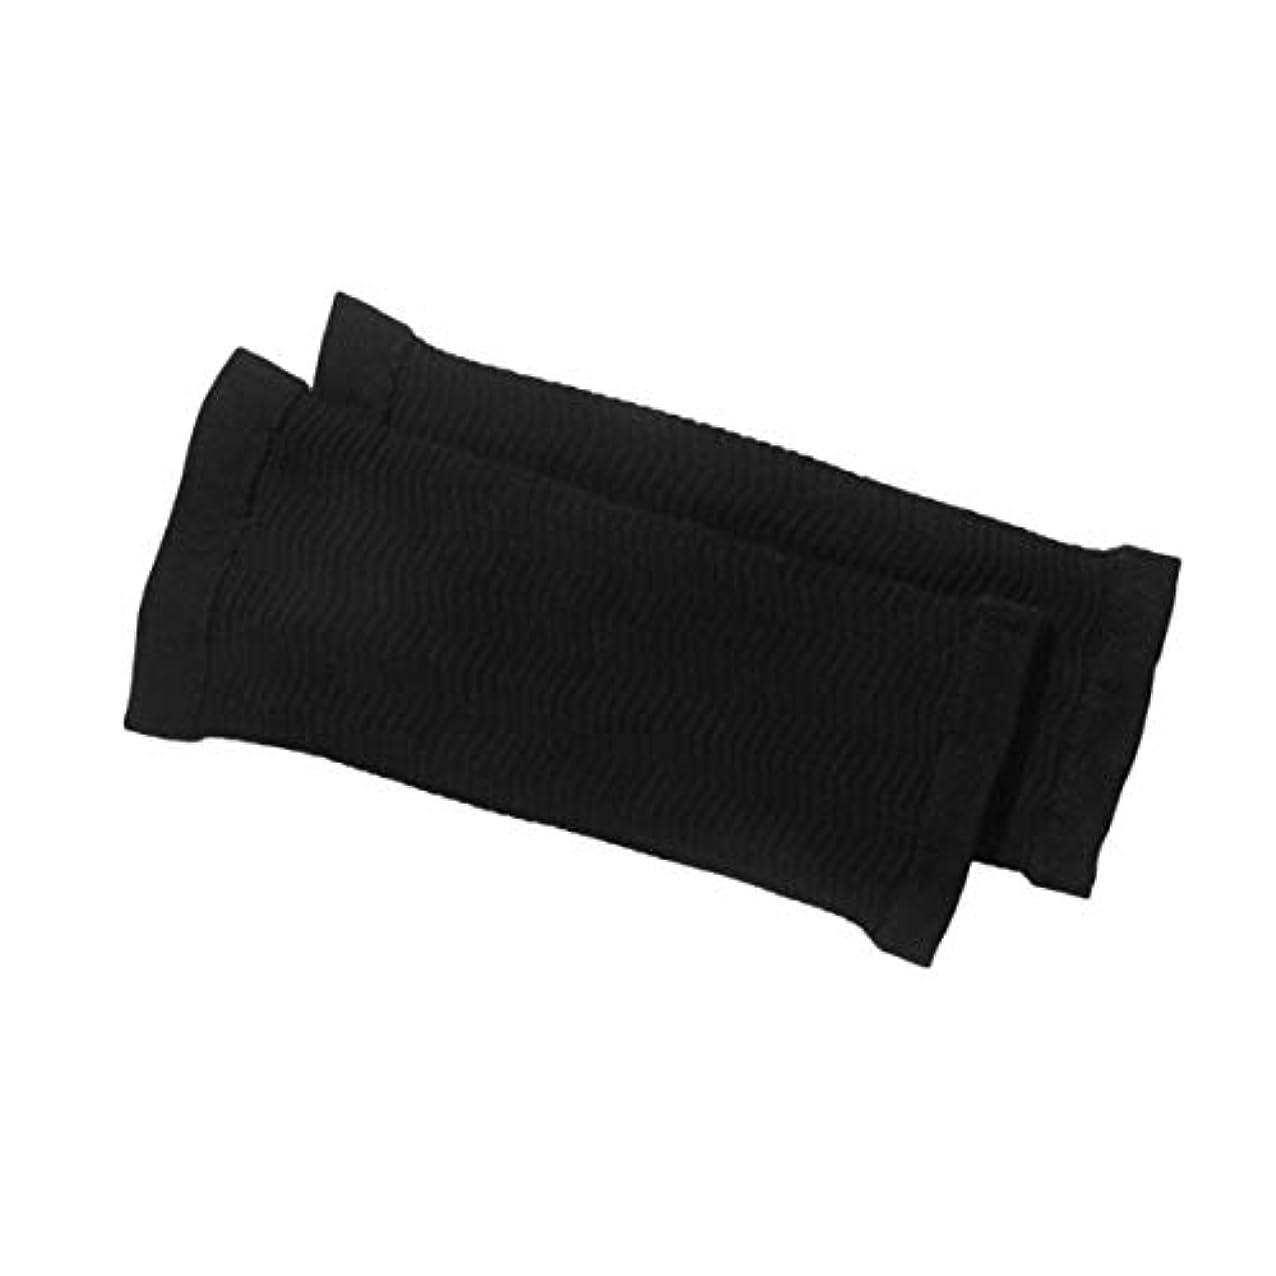 削除する栄光ハーフSaikogoods 1ペア420 d圧縮痩身アームスリーブワークアウトトーニングバーンセルライトシェイパー脂肪燃焼袖用女性